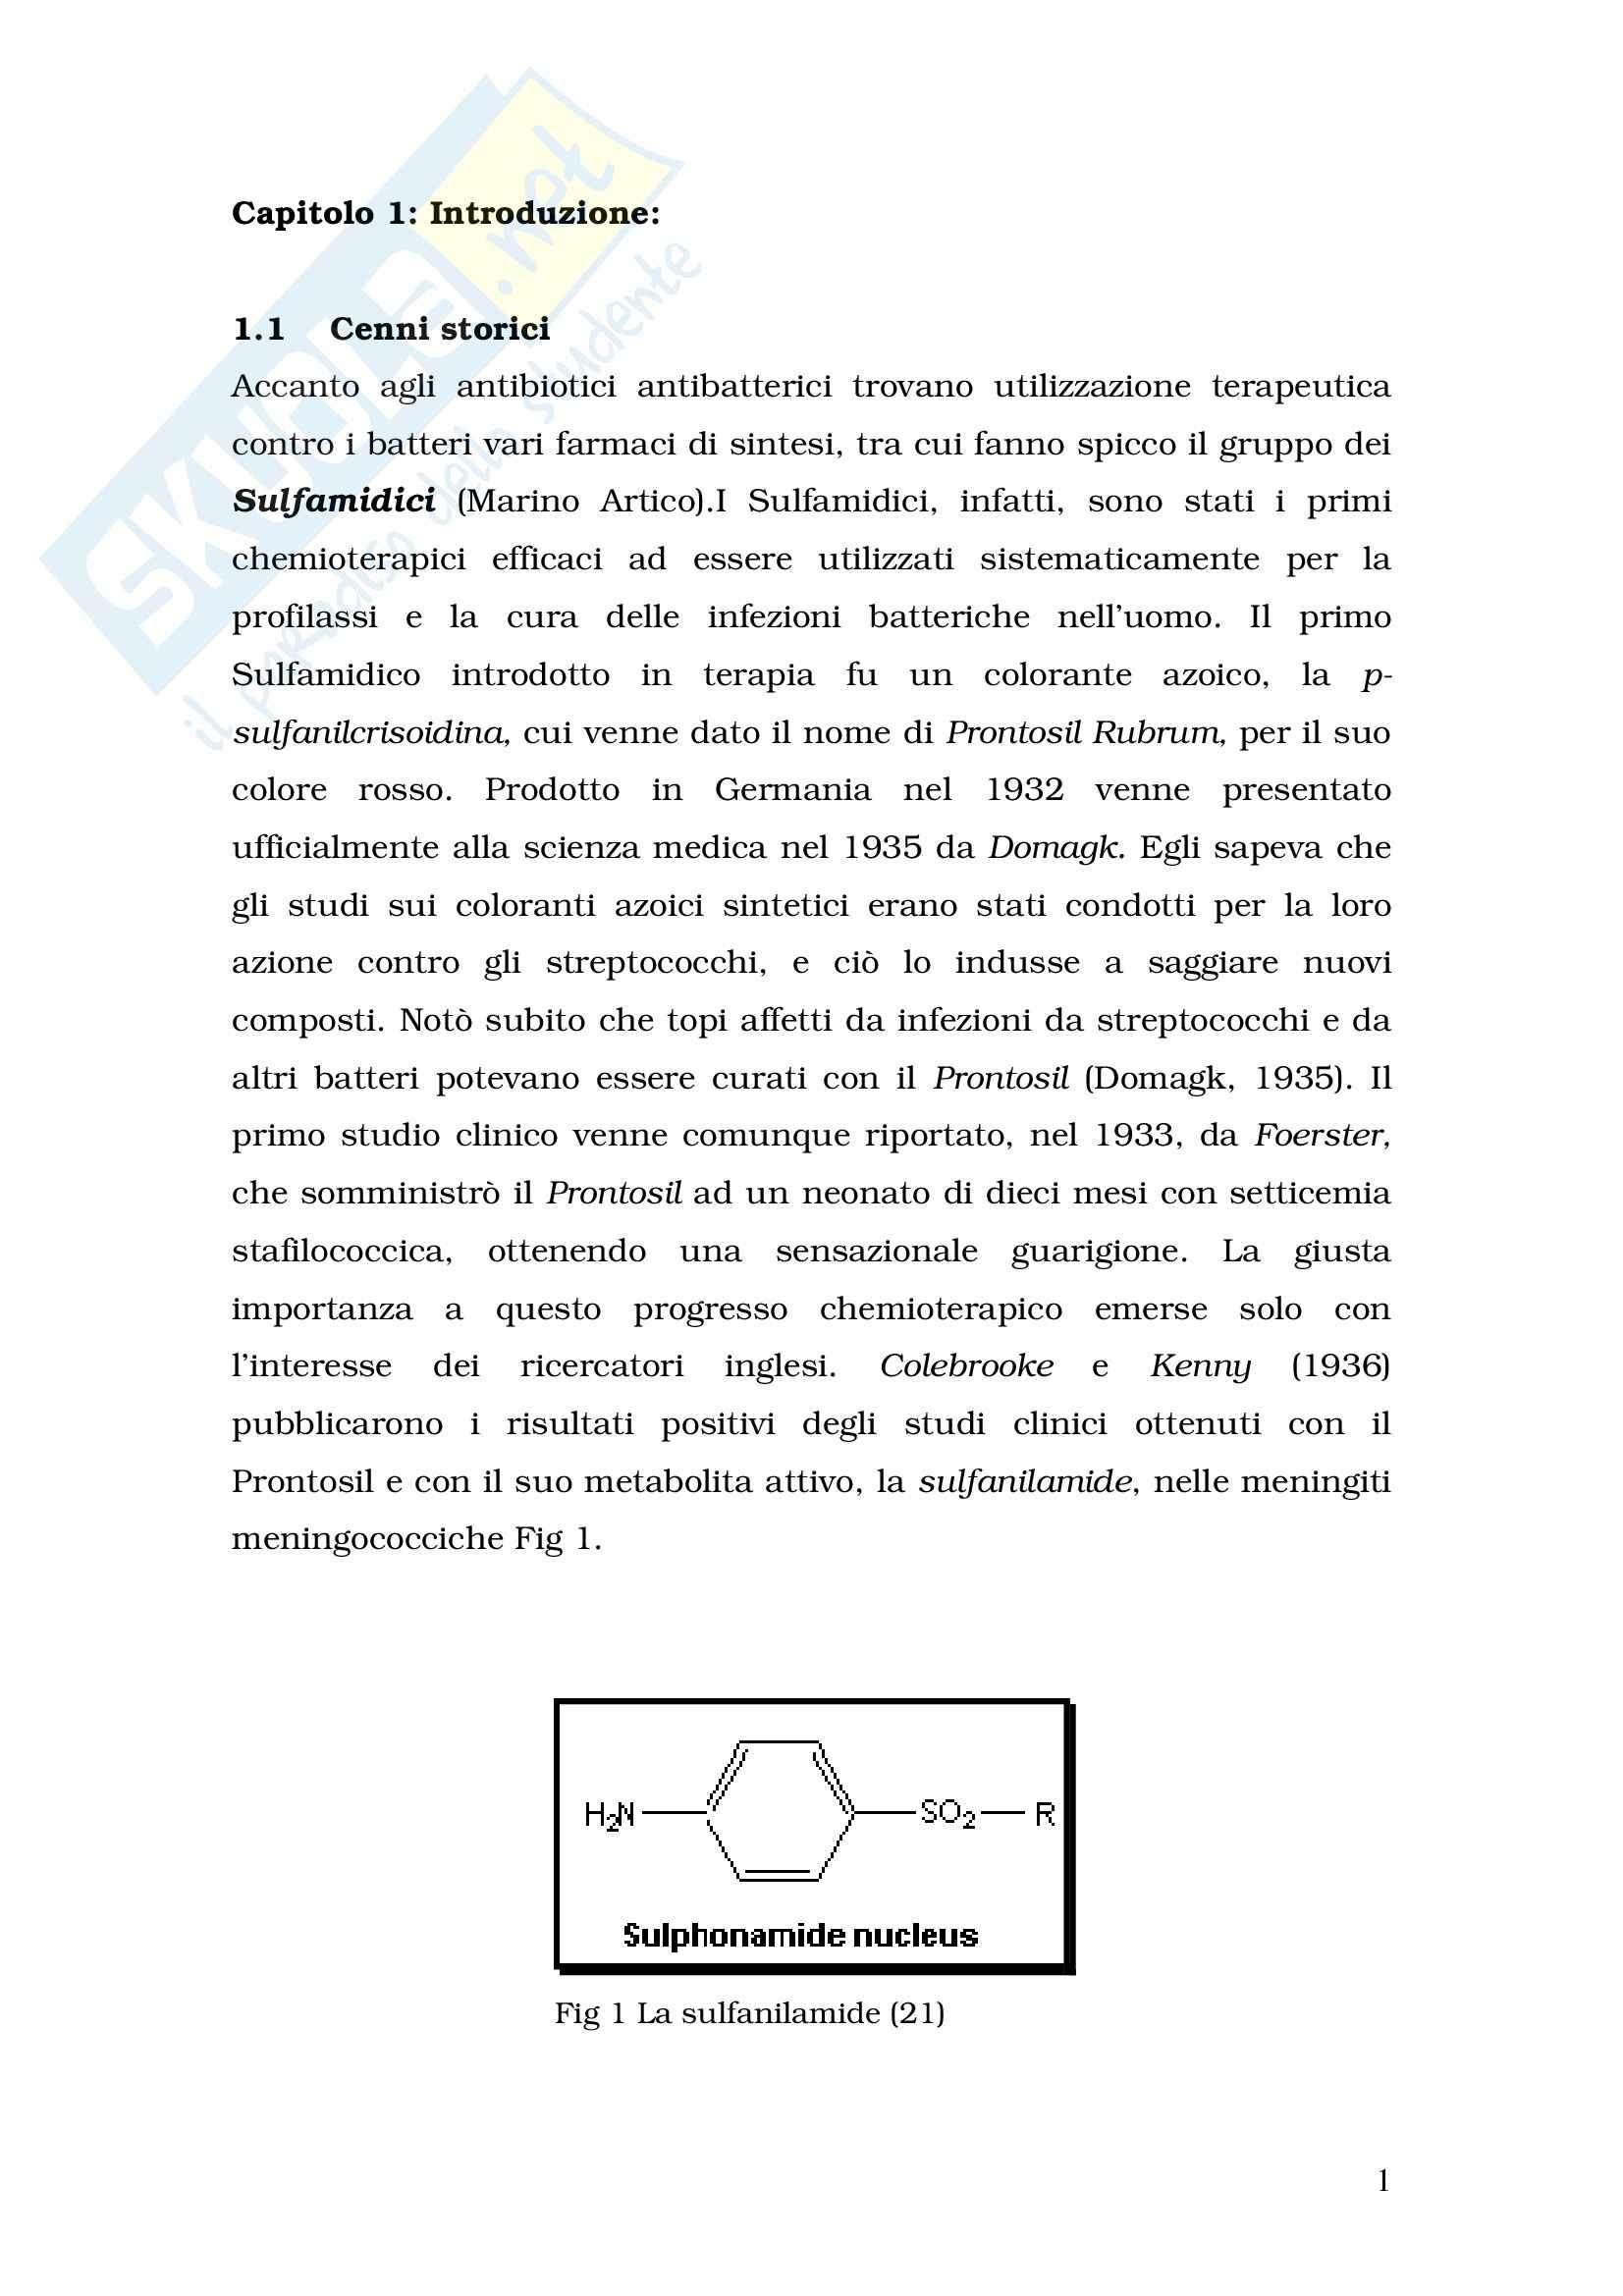 Chimica farmaceutica - sulfamidici